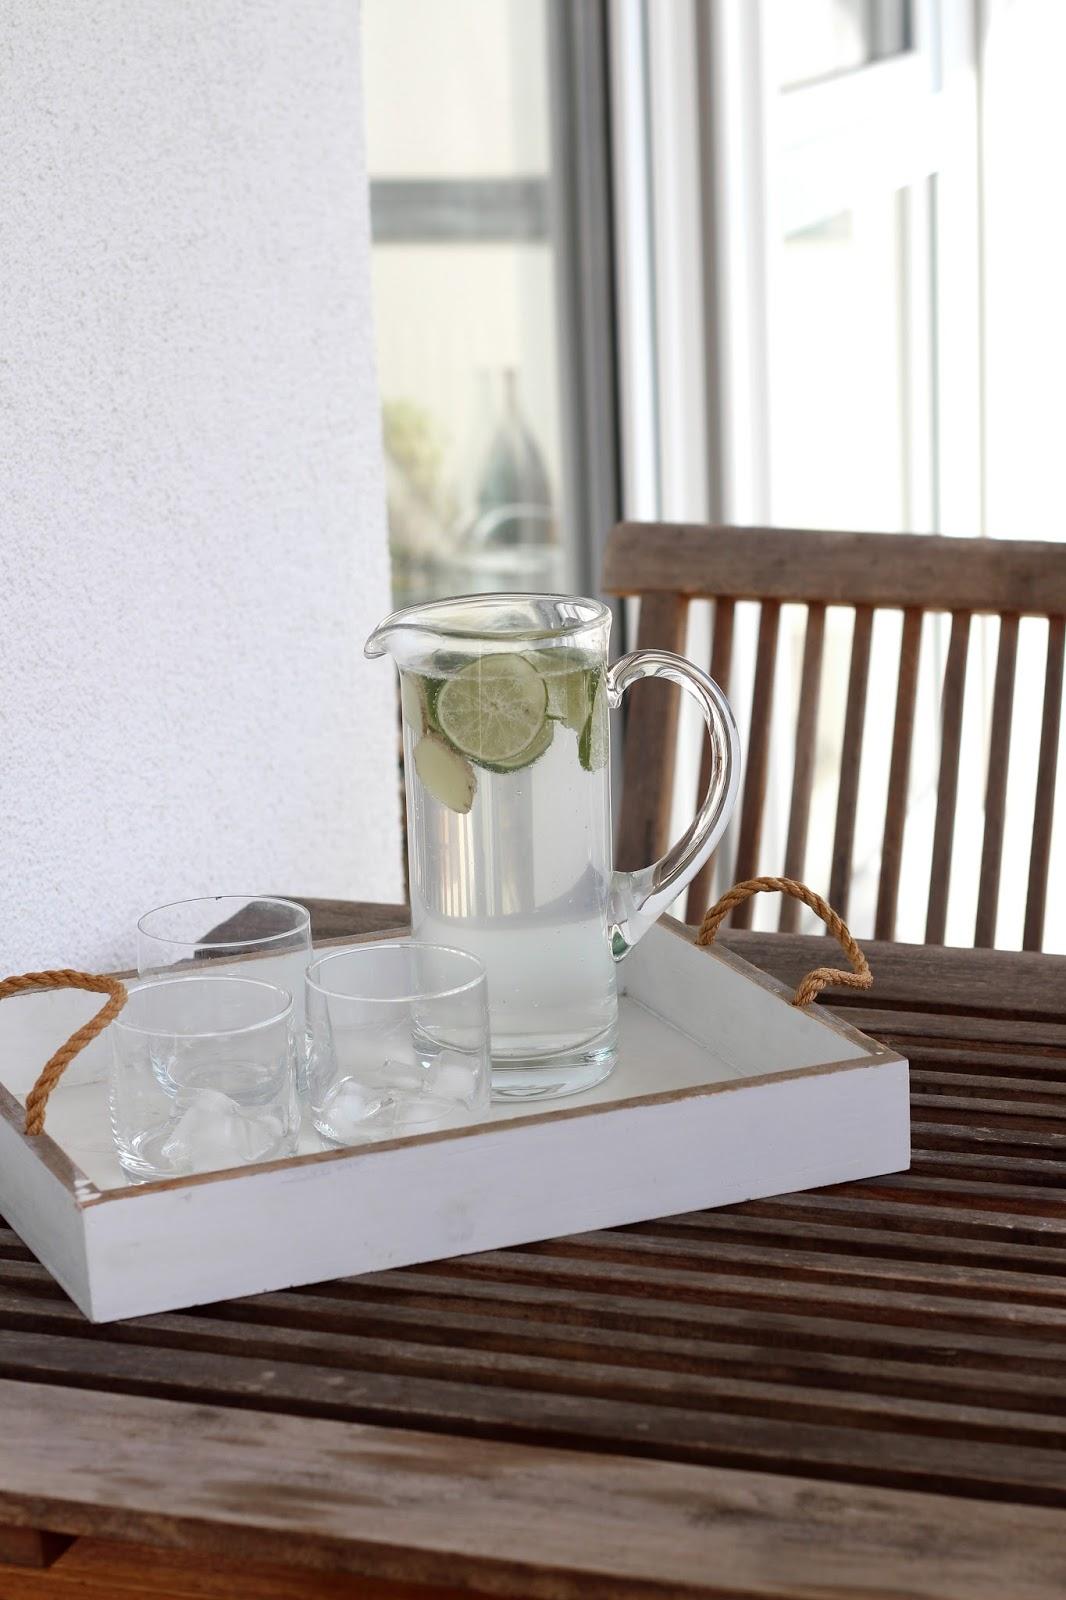 Monatlicher Rückblick: August Favoriten | Rezept für eine Limetten-Ingwer-Limonade | www.sparklyinspiration.com